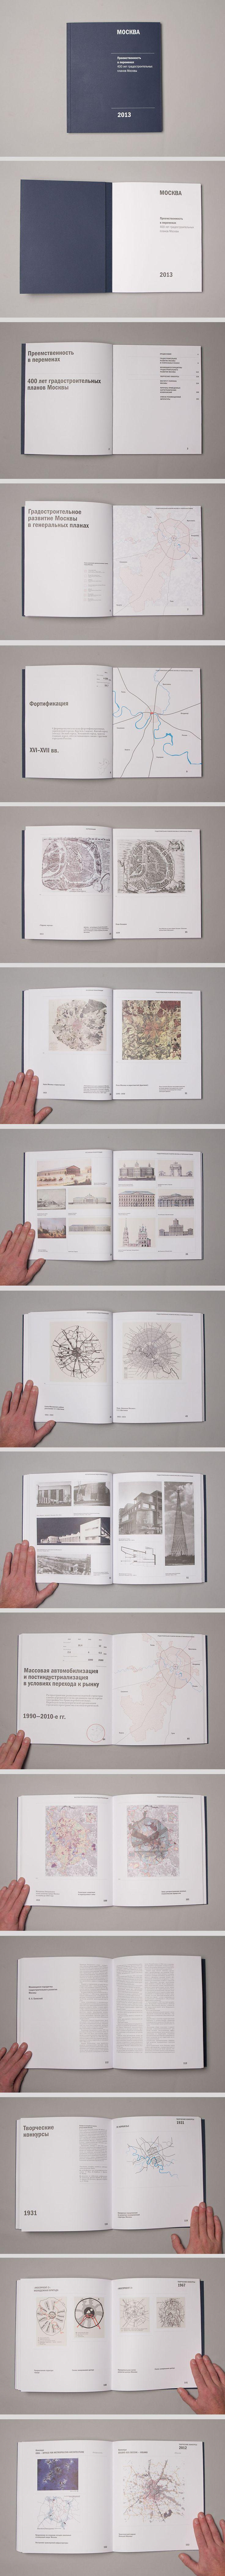 400 лет градостроительных планов Москвы, книга, Журналы/Книги © МихаилЛоськов